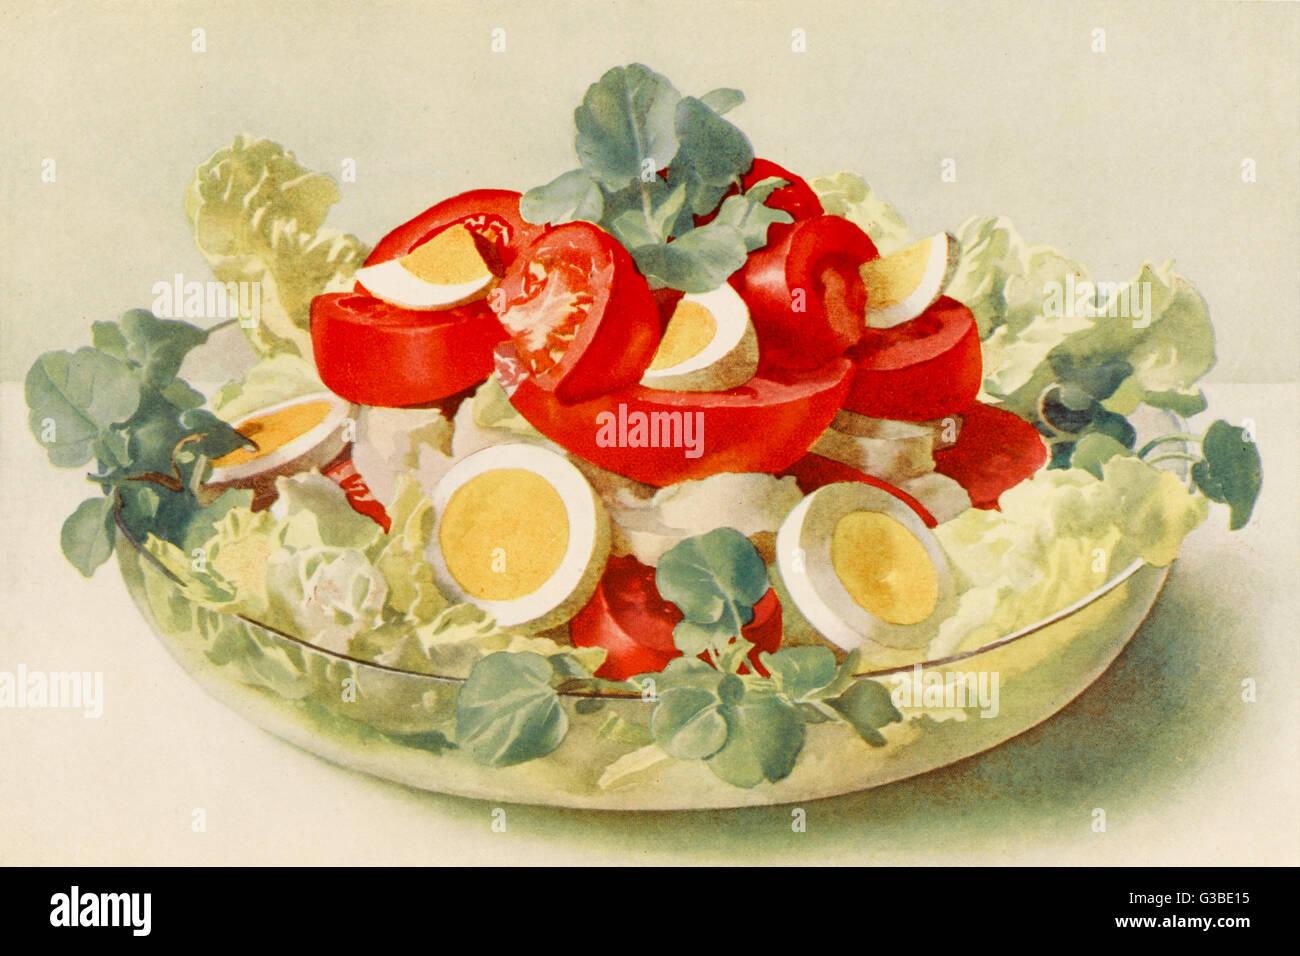 Tomato salad a la francaise.          Date: circa 1914 - Stock Image